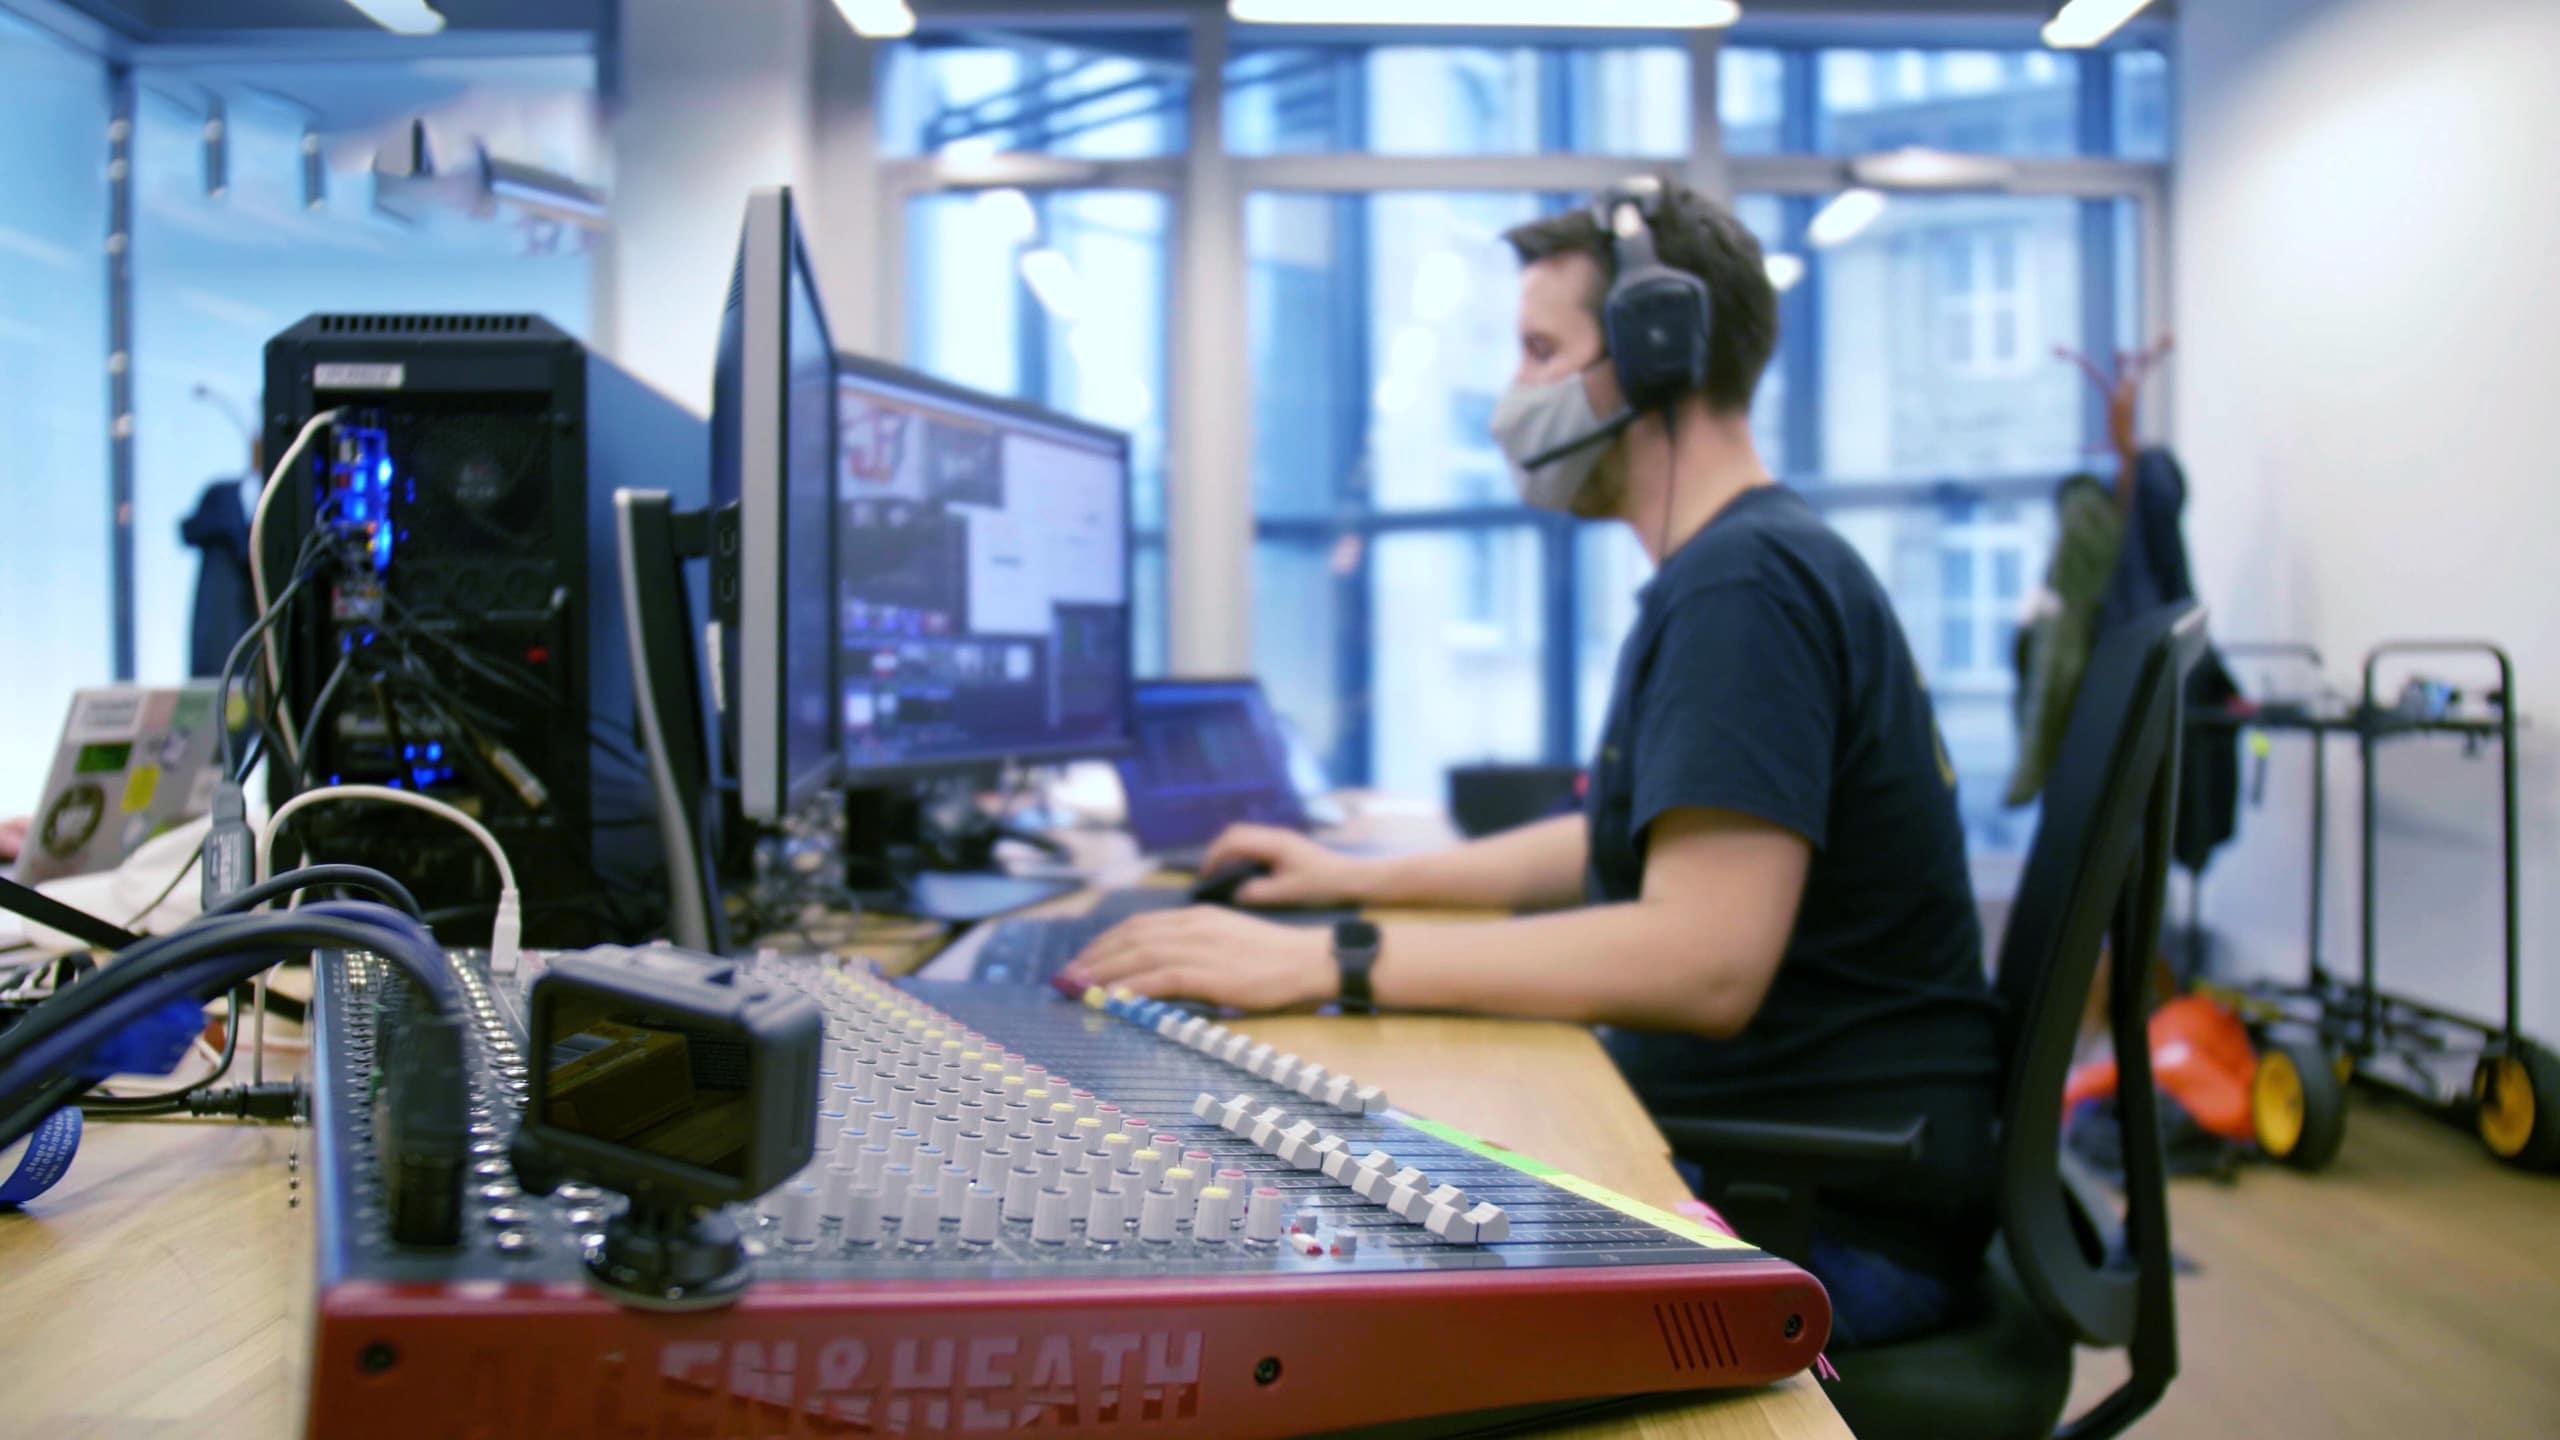 Livestreaming: Michael Neumann sitzt in einer improviesierten Regie und leitet die Livestreamproduktion Coronakonform